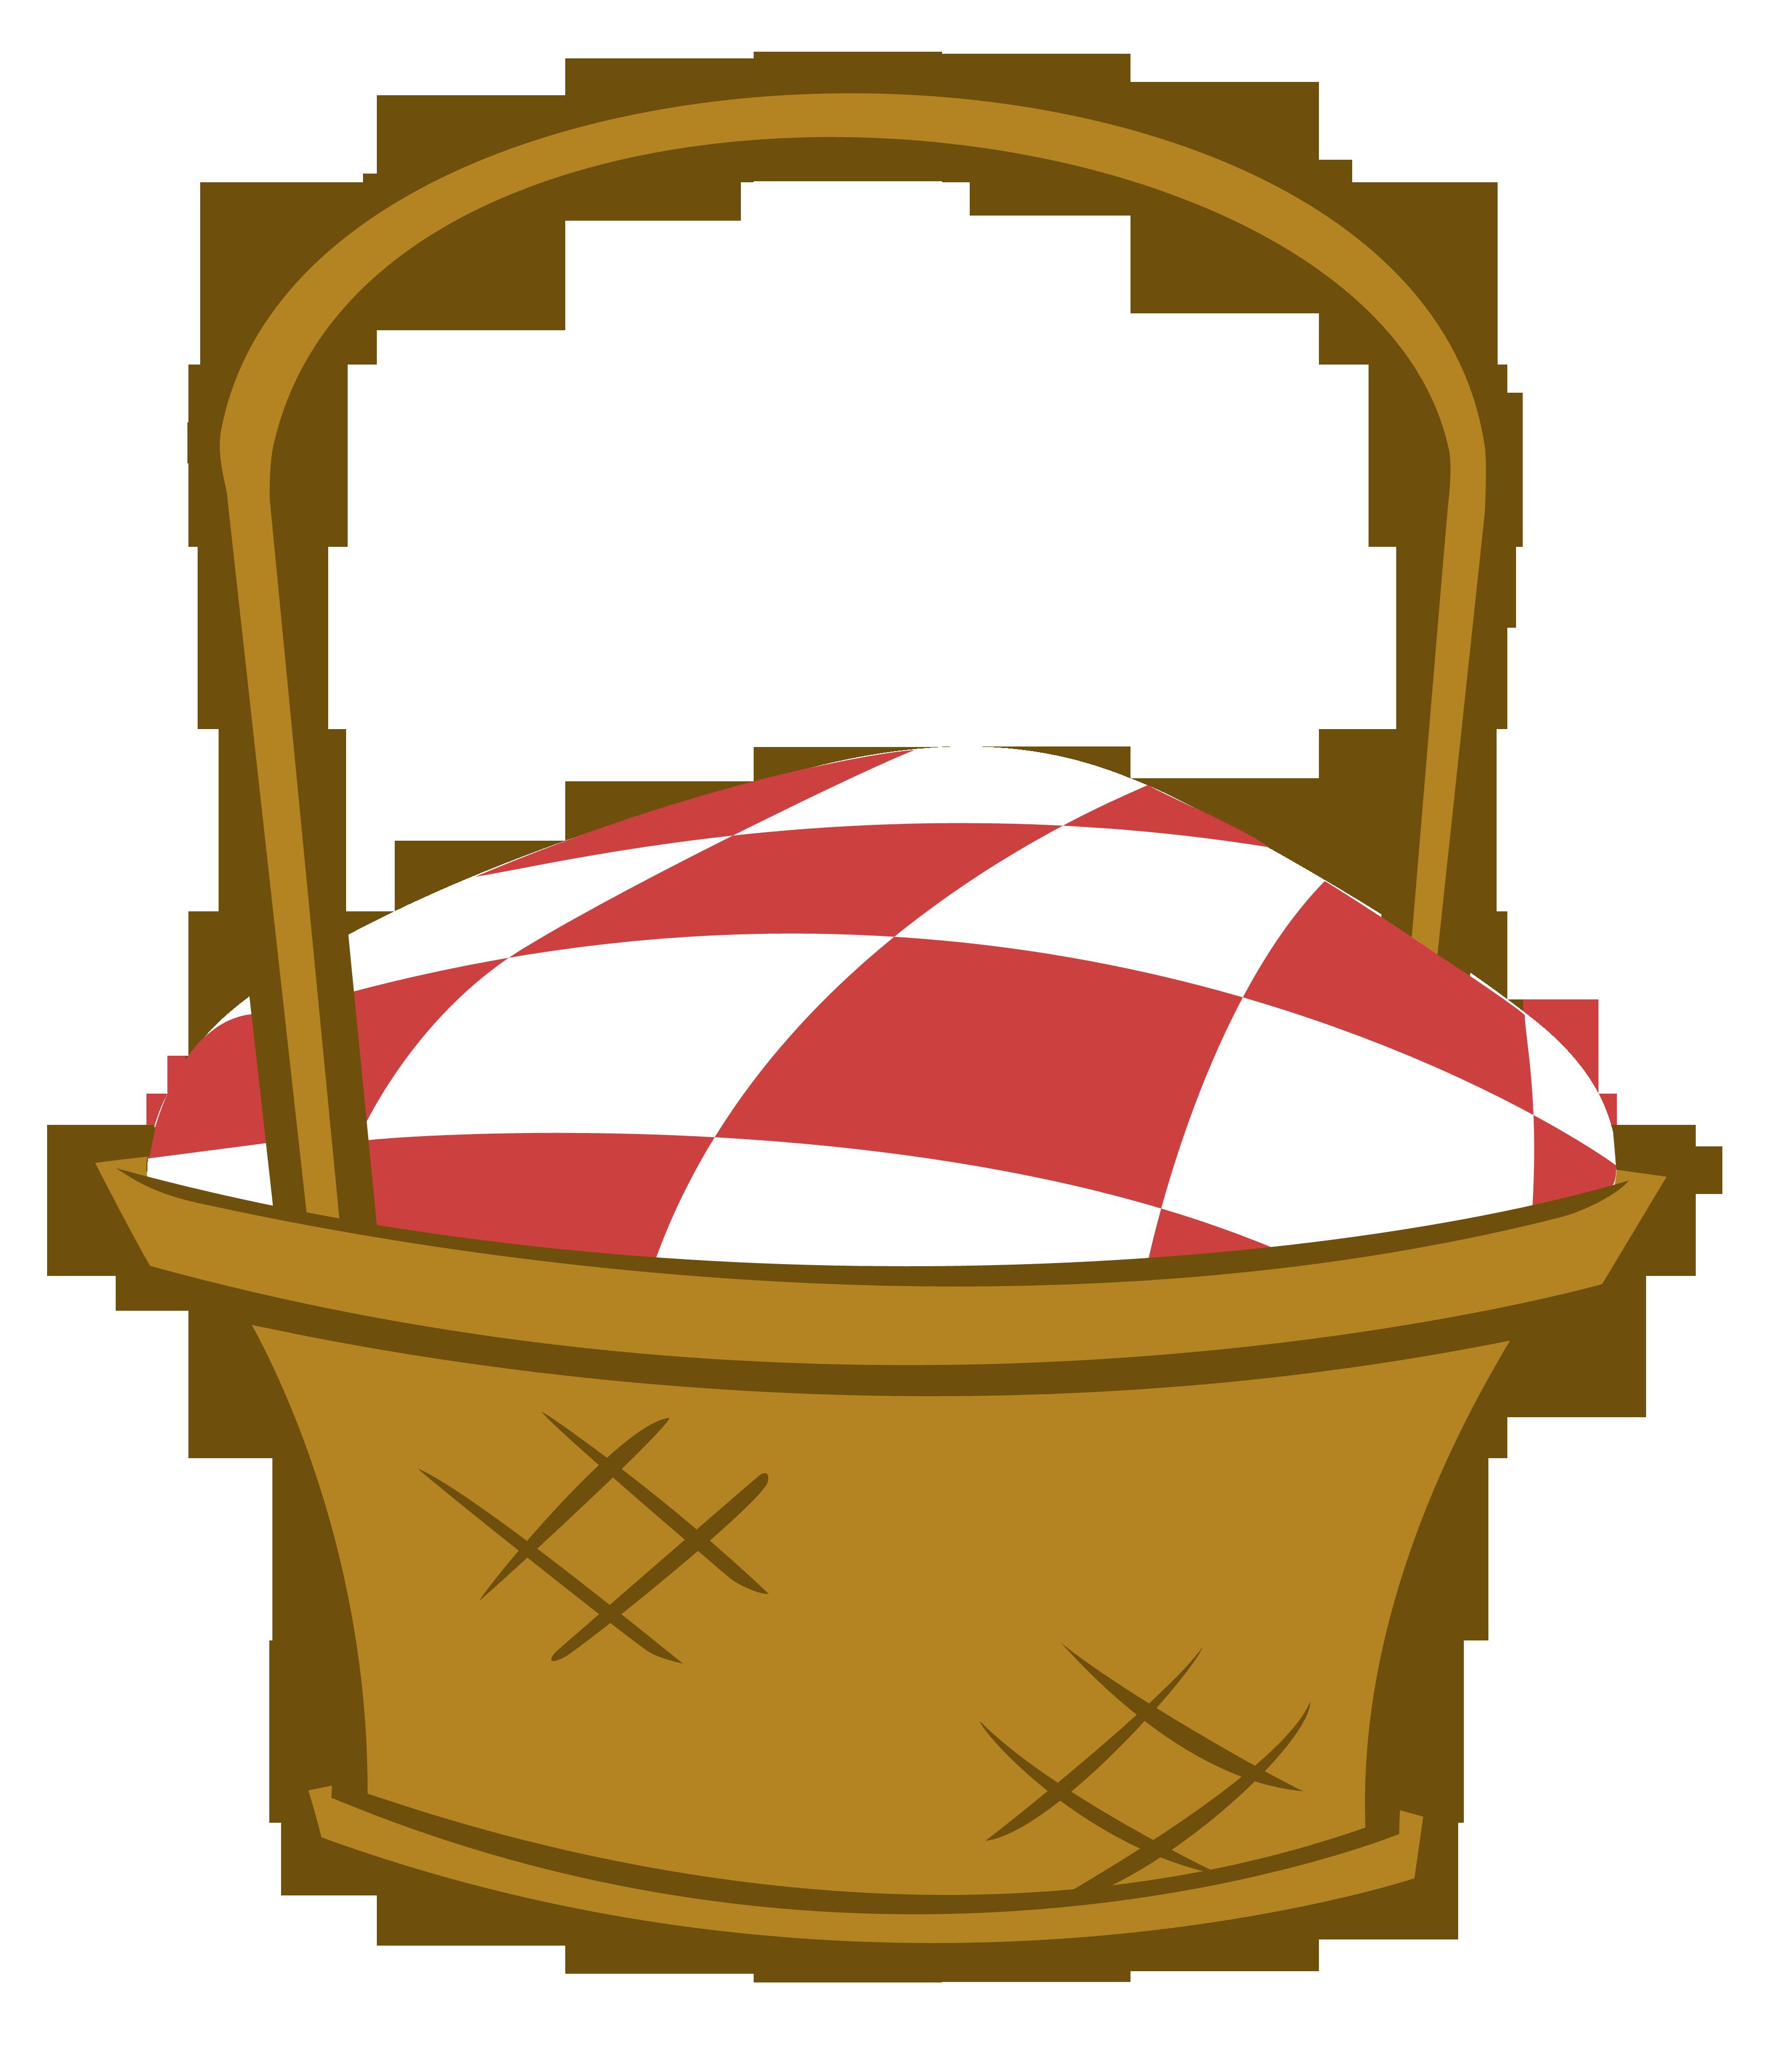 Picnic basket clipart 3